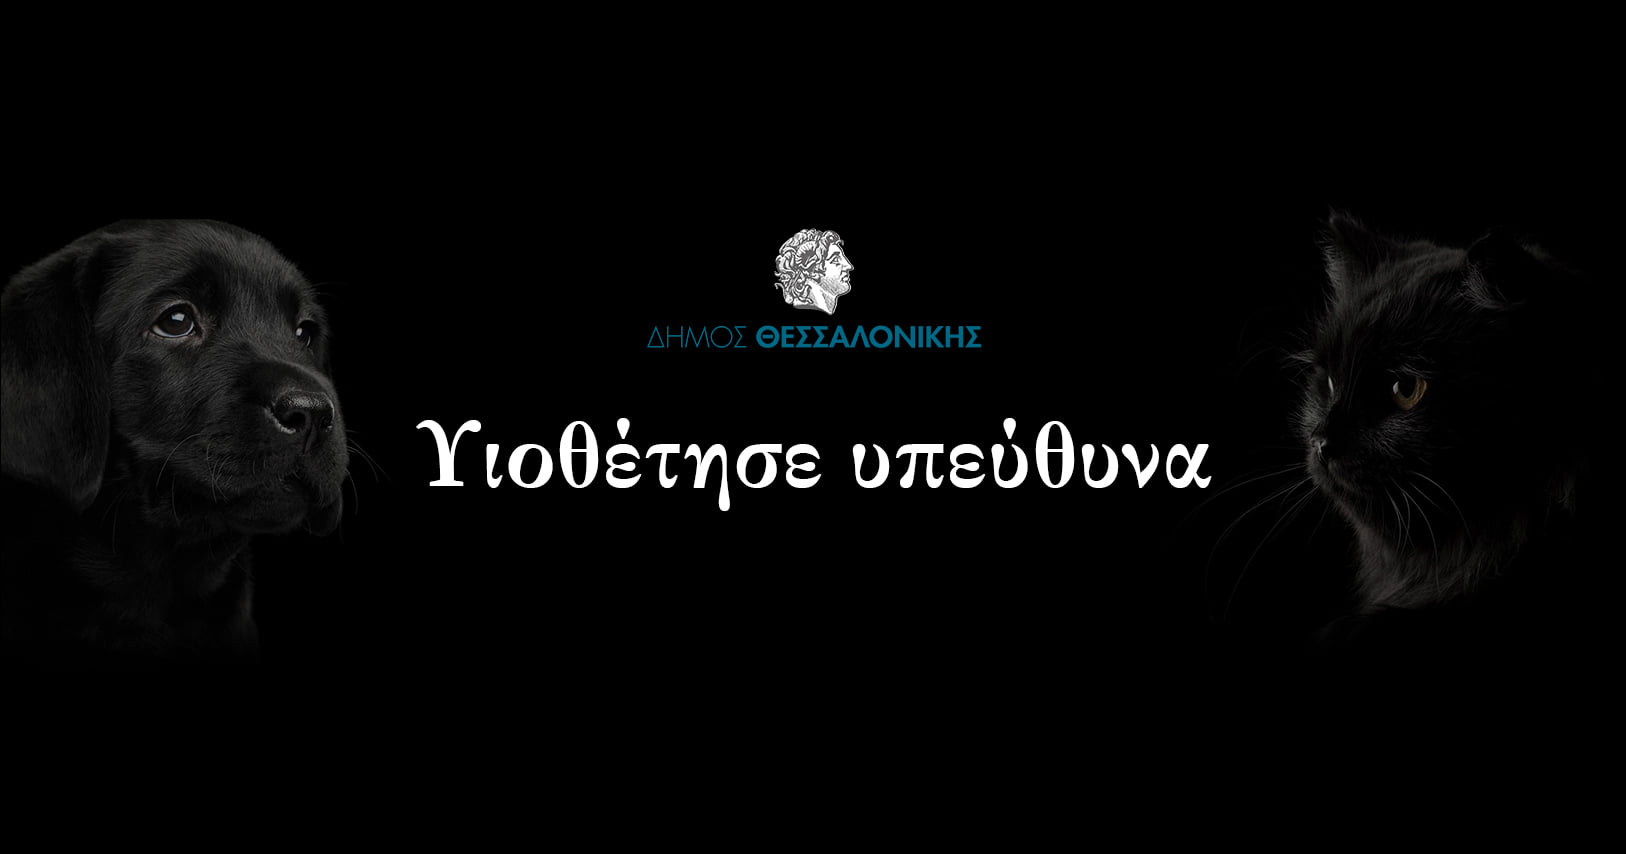 Δήμος Θεσσαλονίκης – Σε πιλοτική λειτουργία η πλατφόρμα υιοθεσίας αδέσποτων ζώων